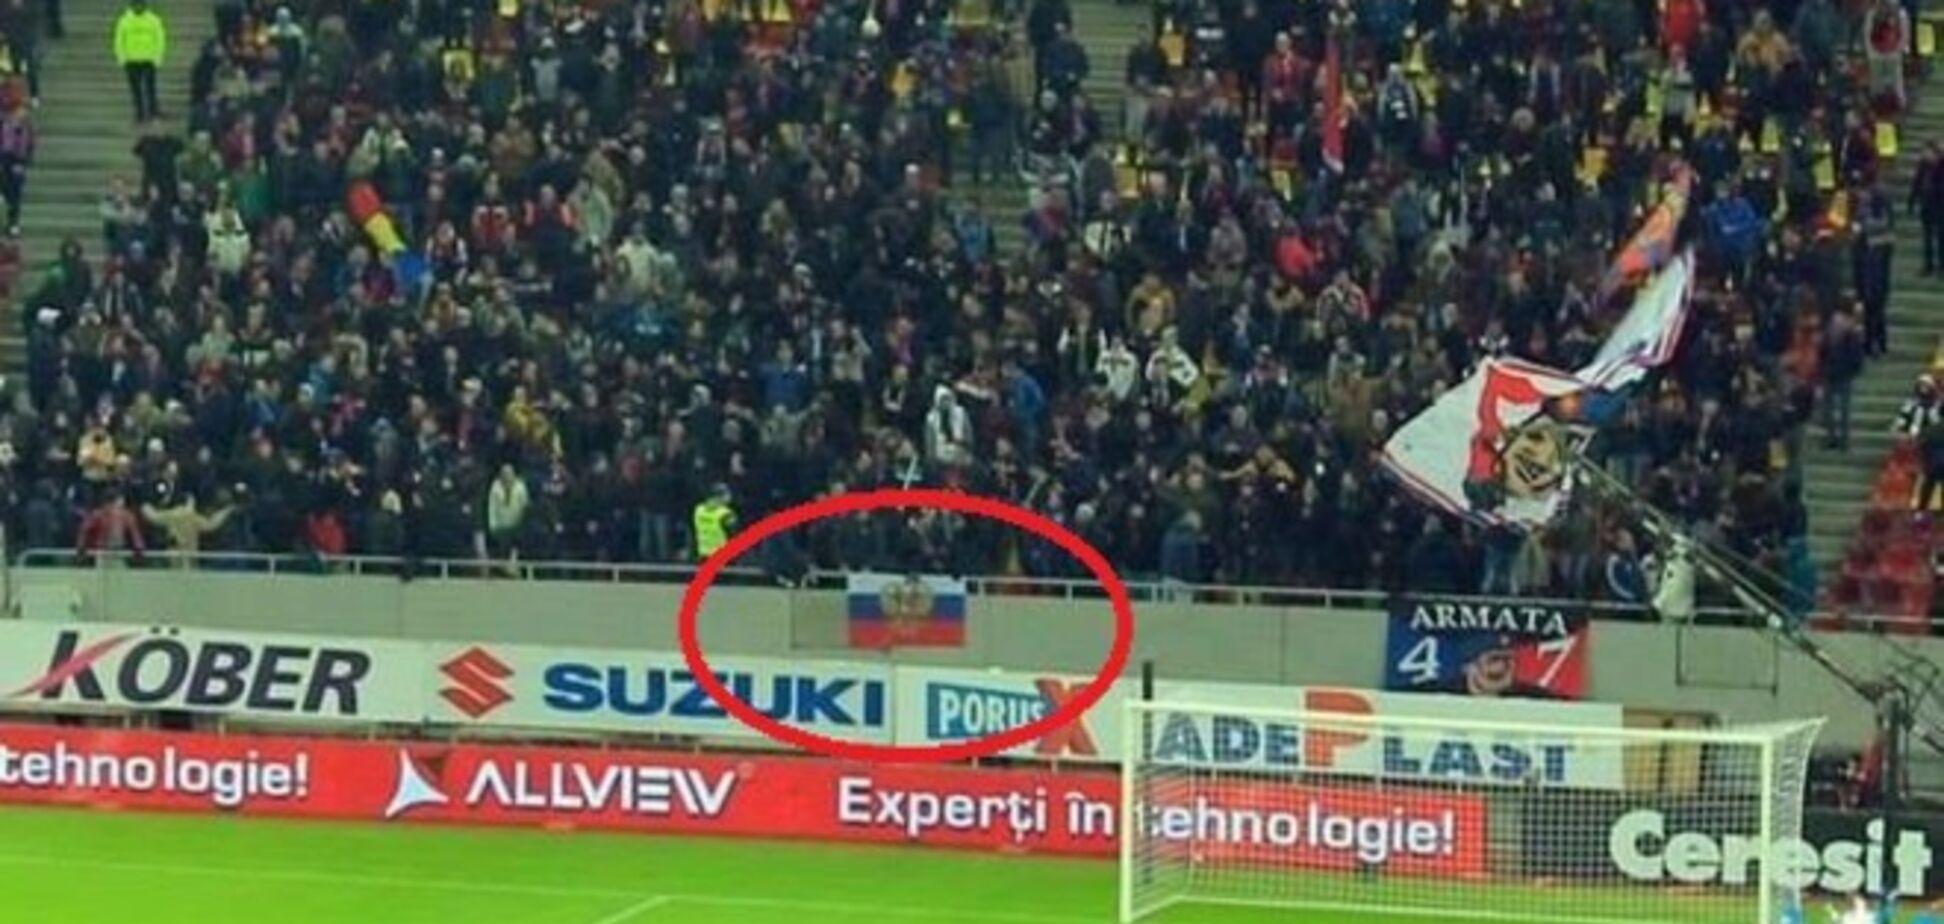 Неадекватные фанаты вывесили флаг России на матче 'Динамо' в Лиге Европы